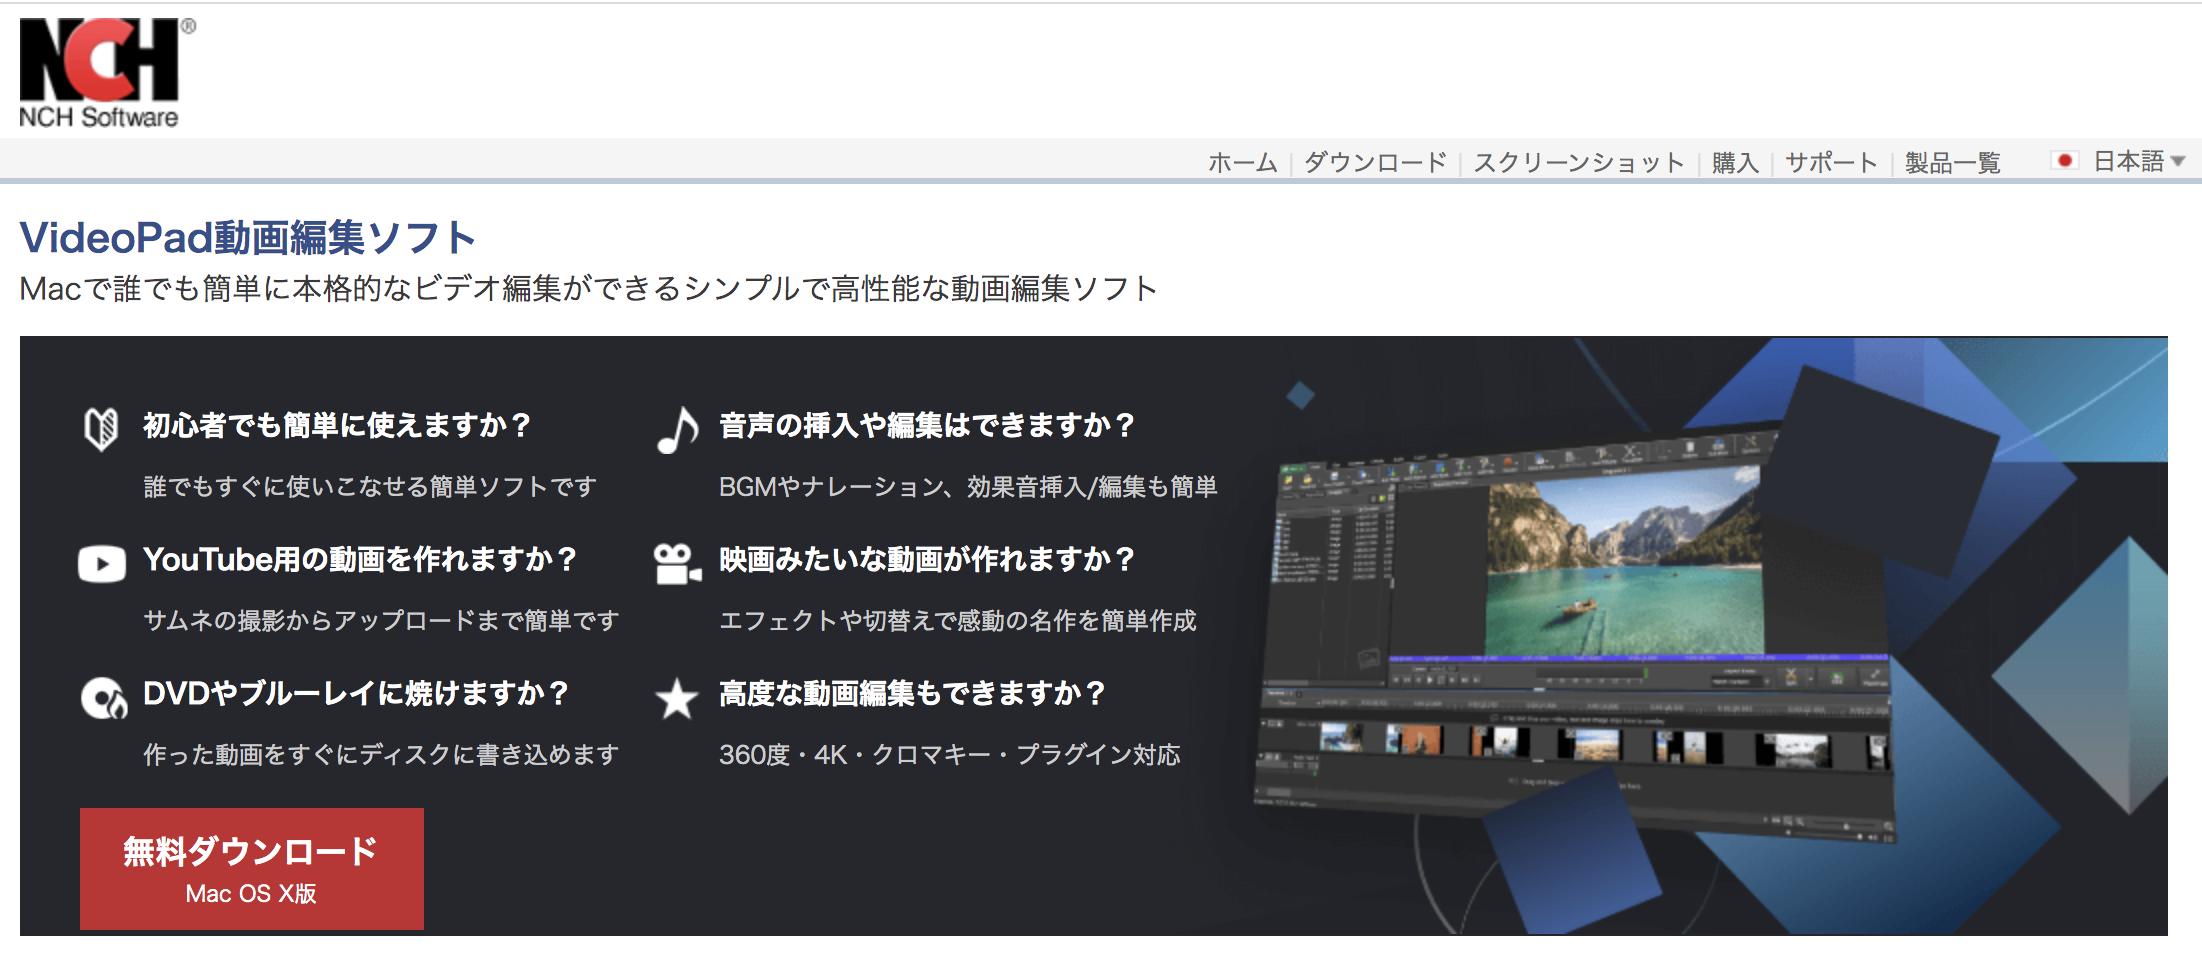 スクリーンショット 2020-09-28 11.37.08.png